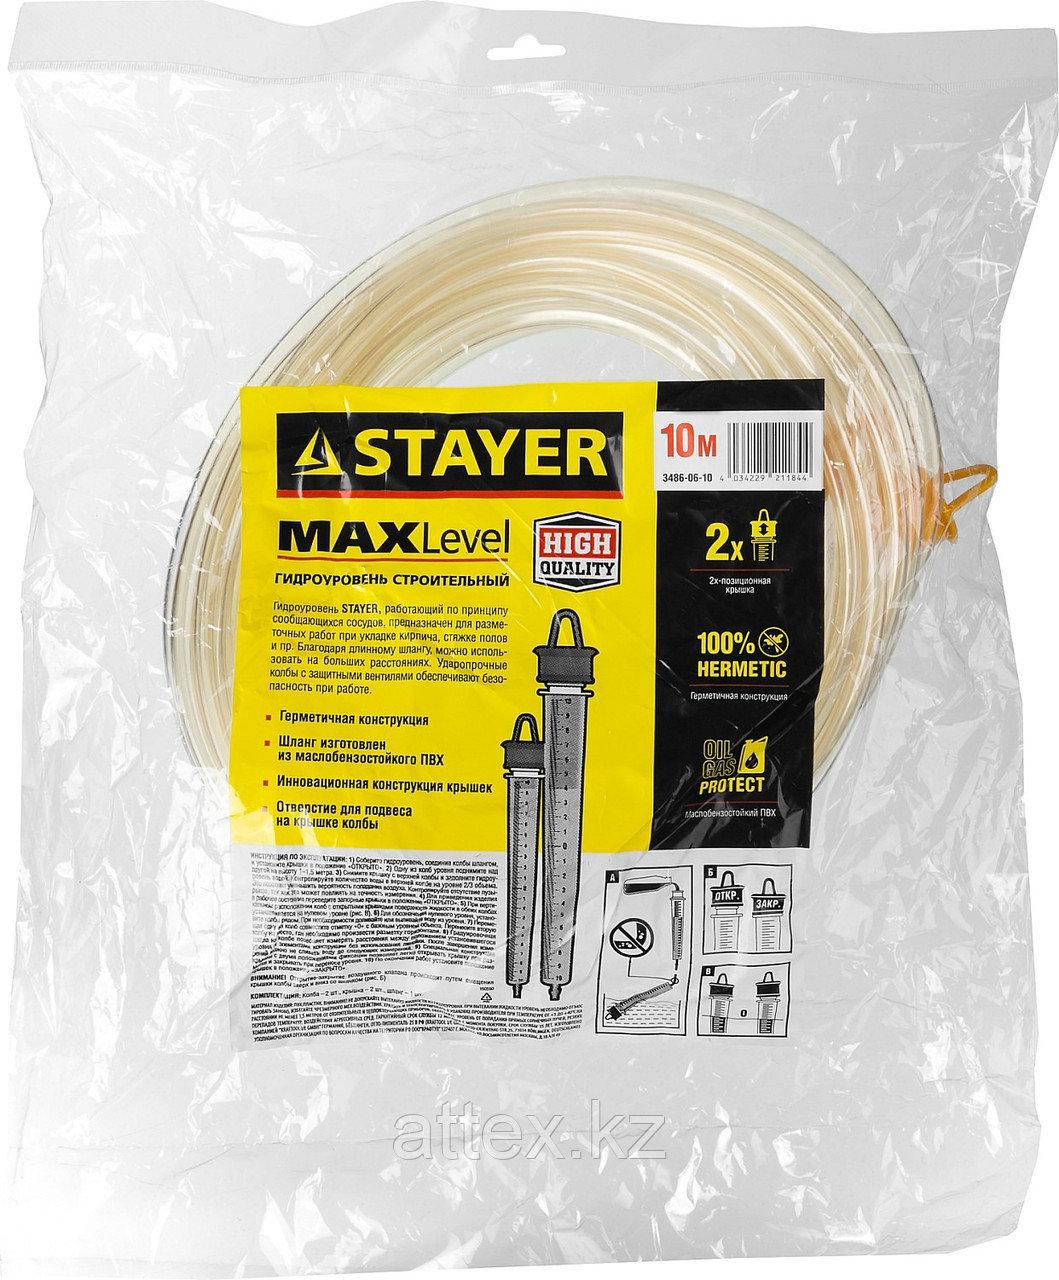 """Гидроуровень STAYER """"MASTER"""" с усиленной измерительной колбой большого размера, d 6мм, 10м 3486-06-10"""